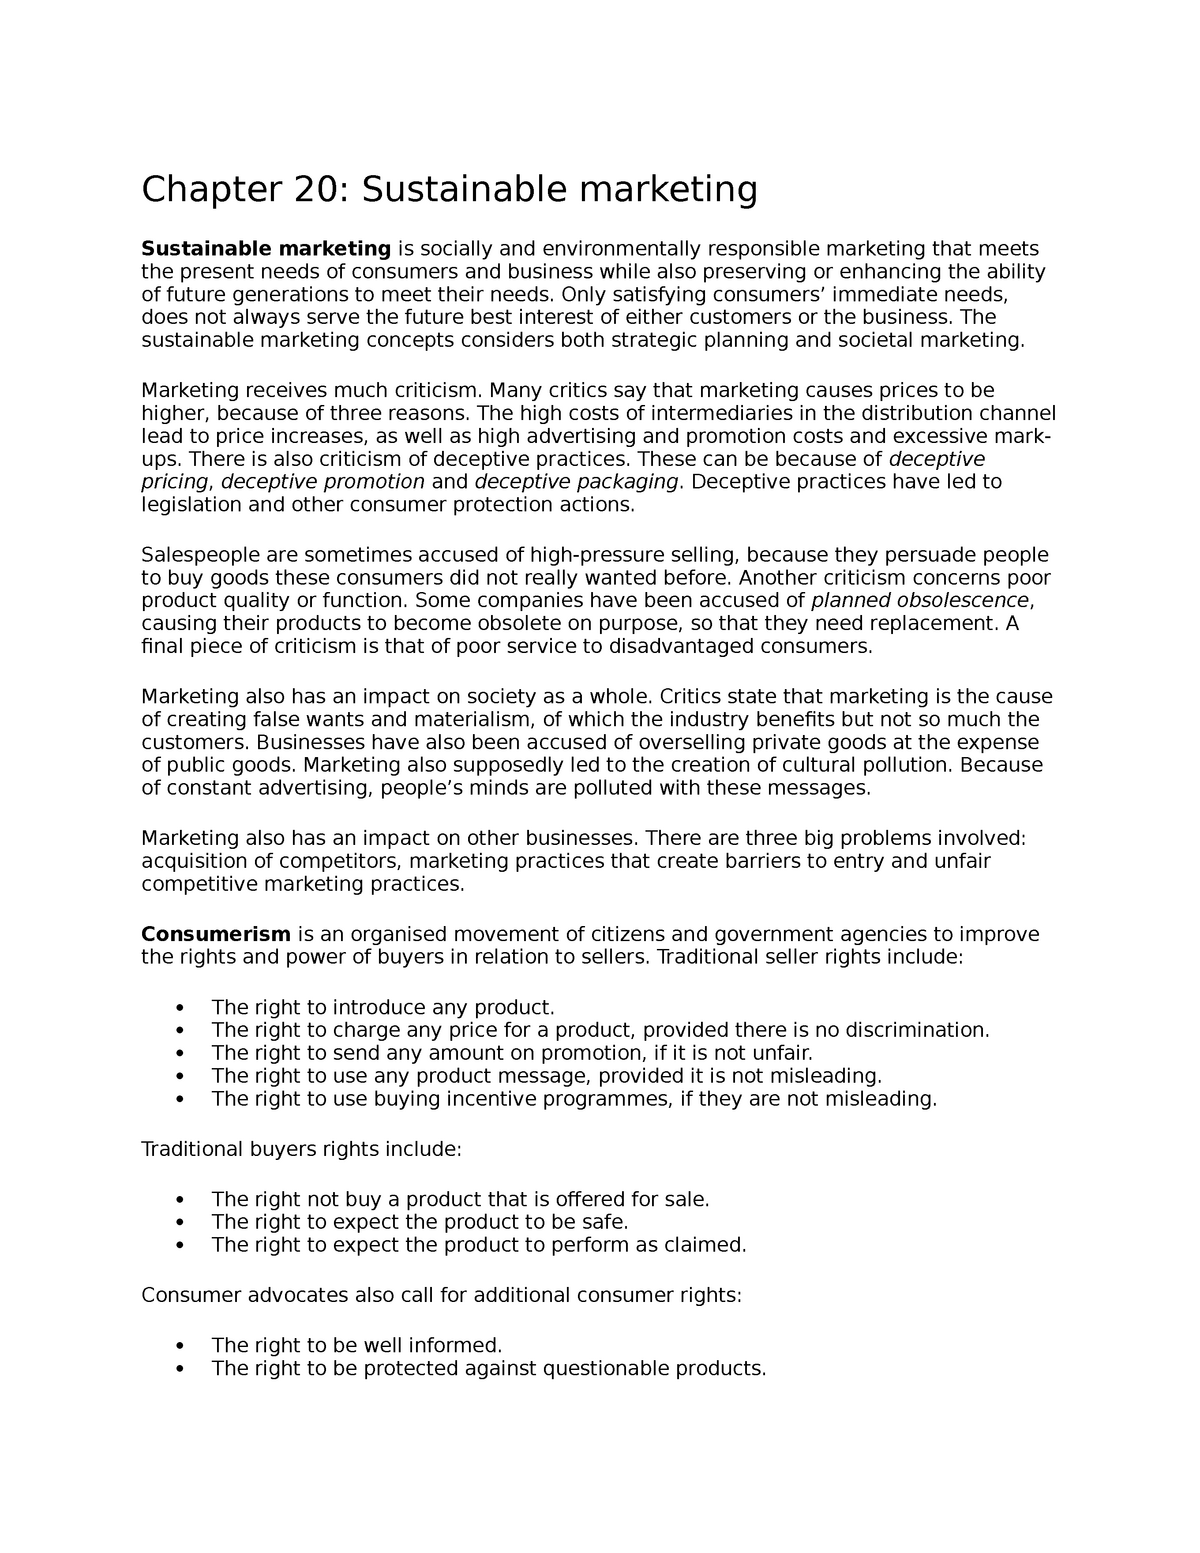 Chapter 20 Sustainable marketing - MKTG2100 - UoN - StuDocu